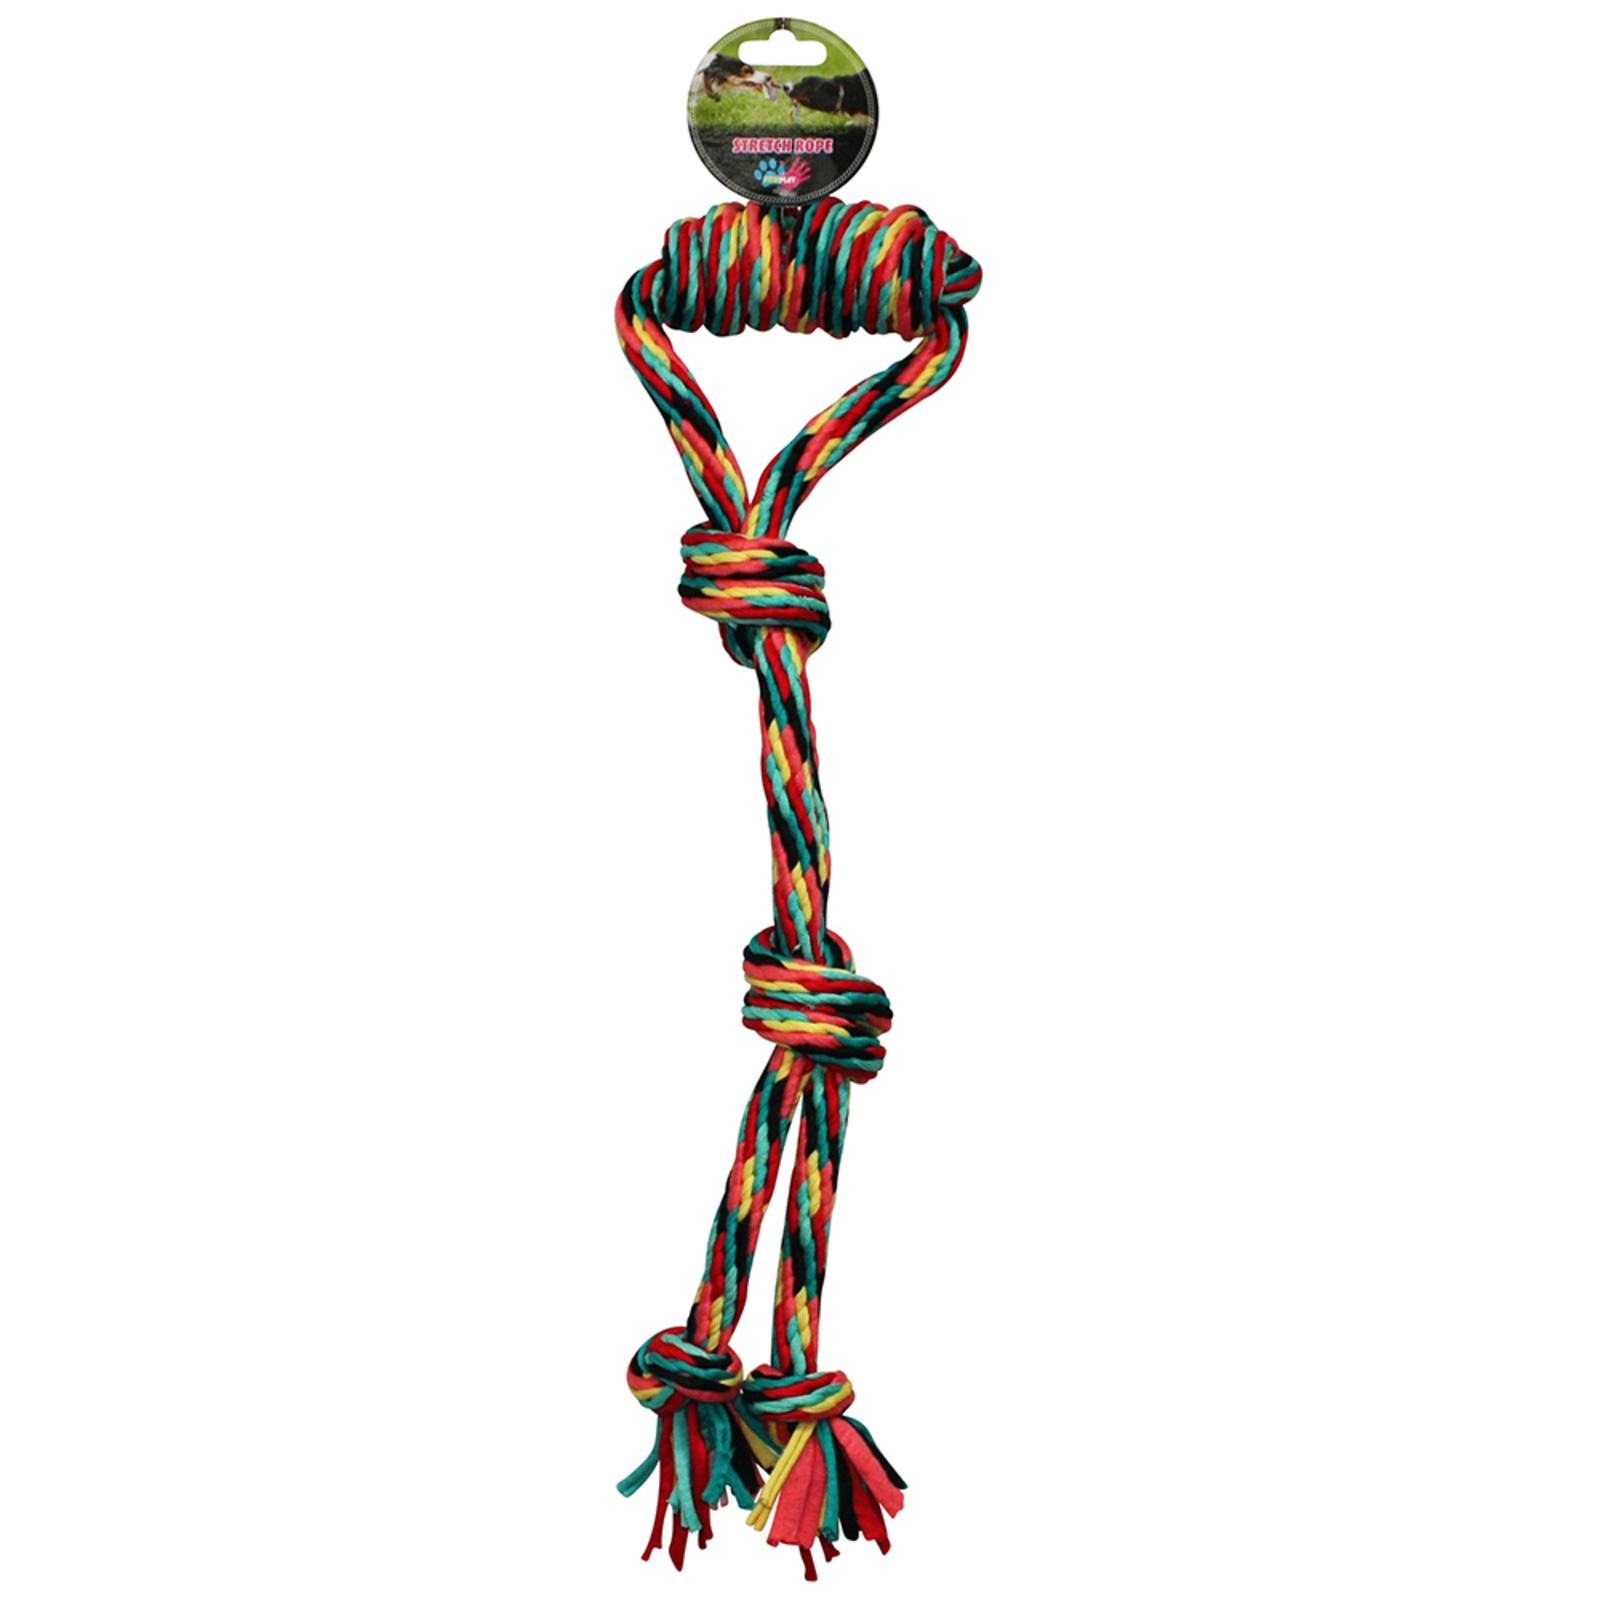 Paw Play 45cm Stretch Tug War Rope 220g Cotton Knots/Braided Teeth Clean Dog Toy